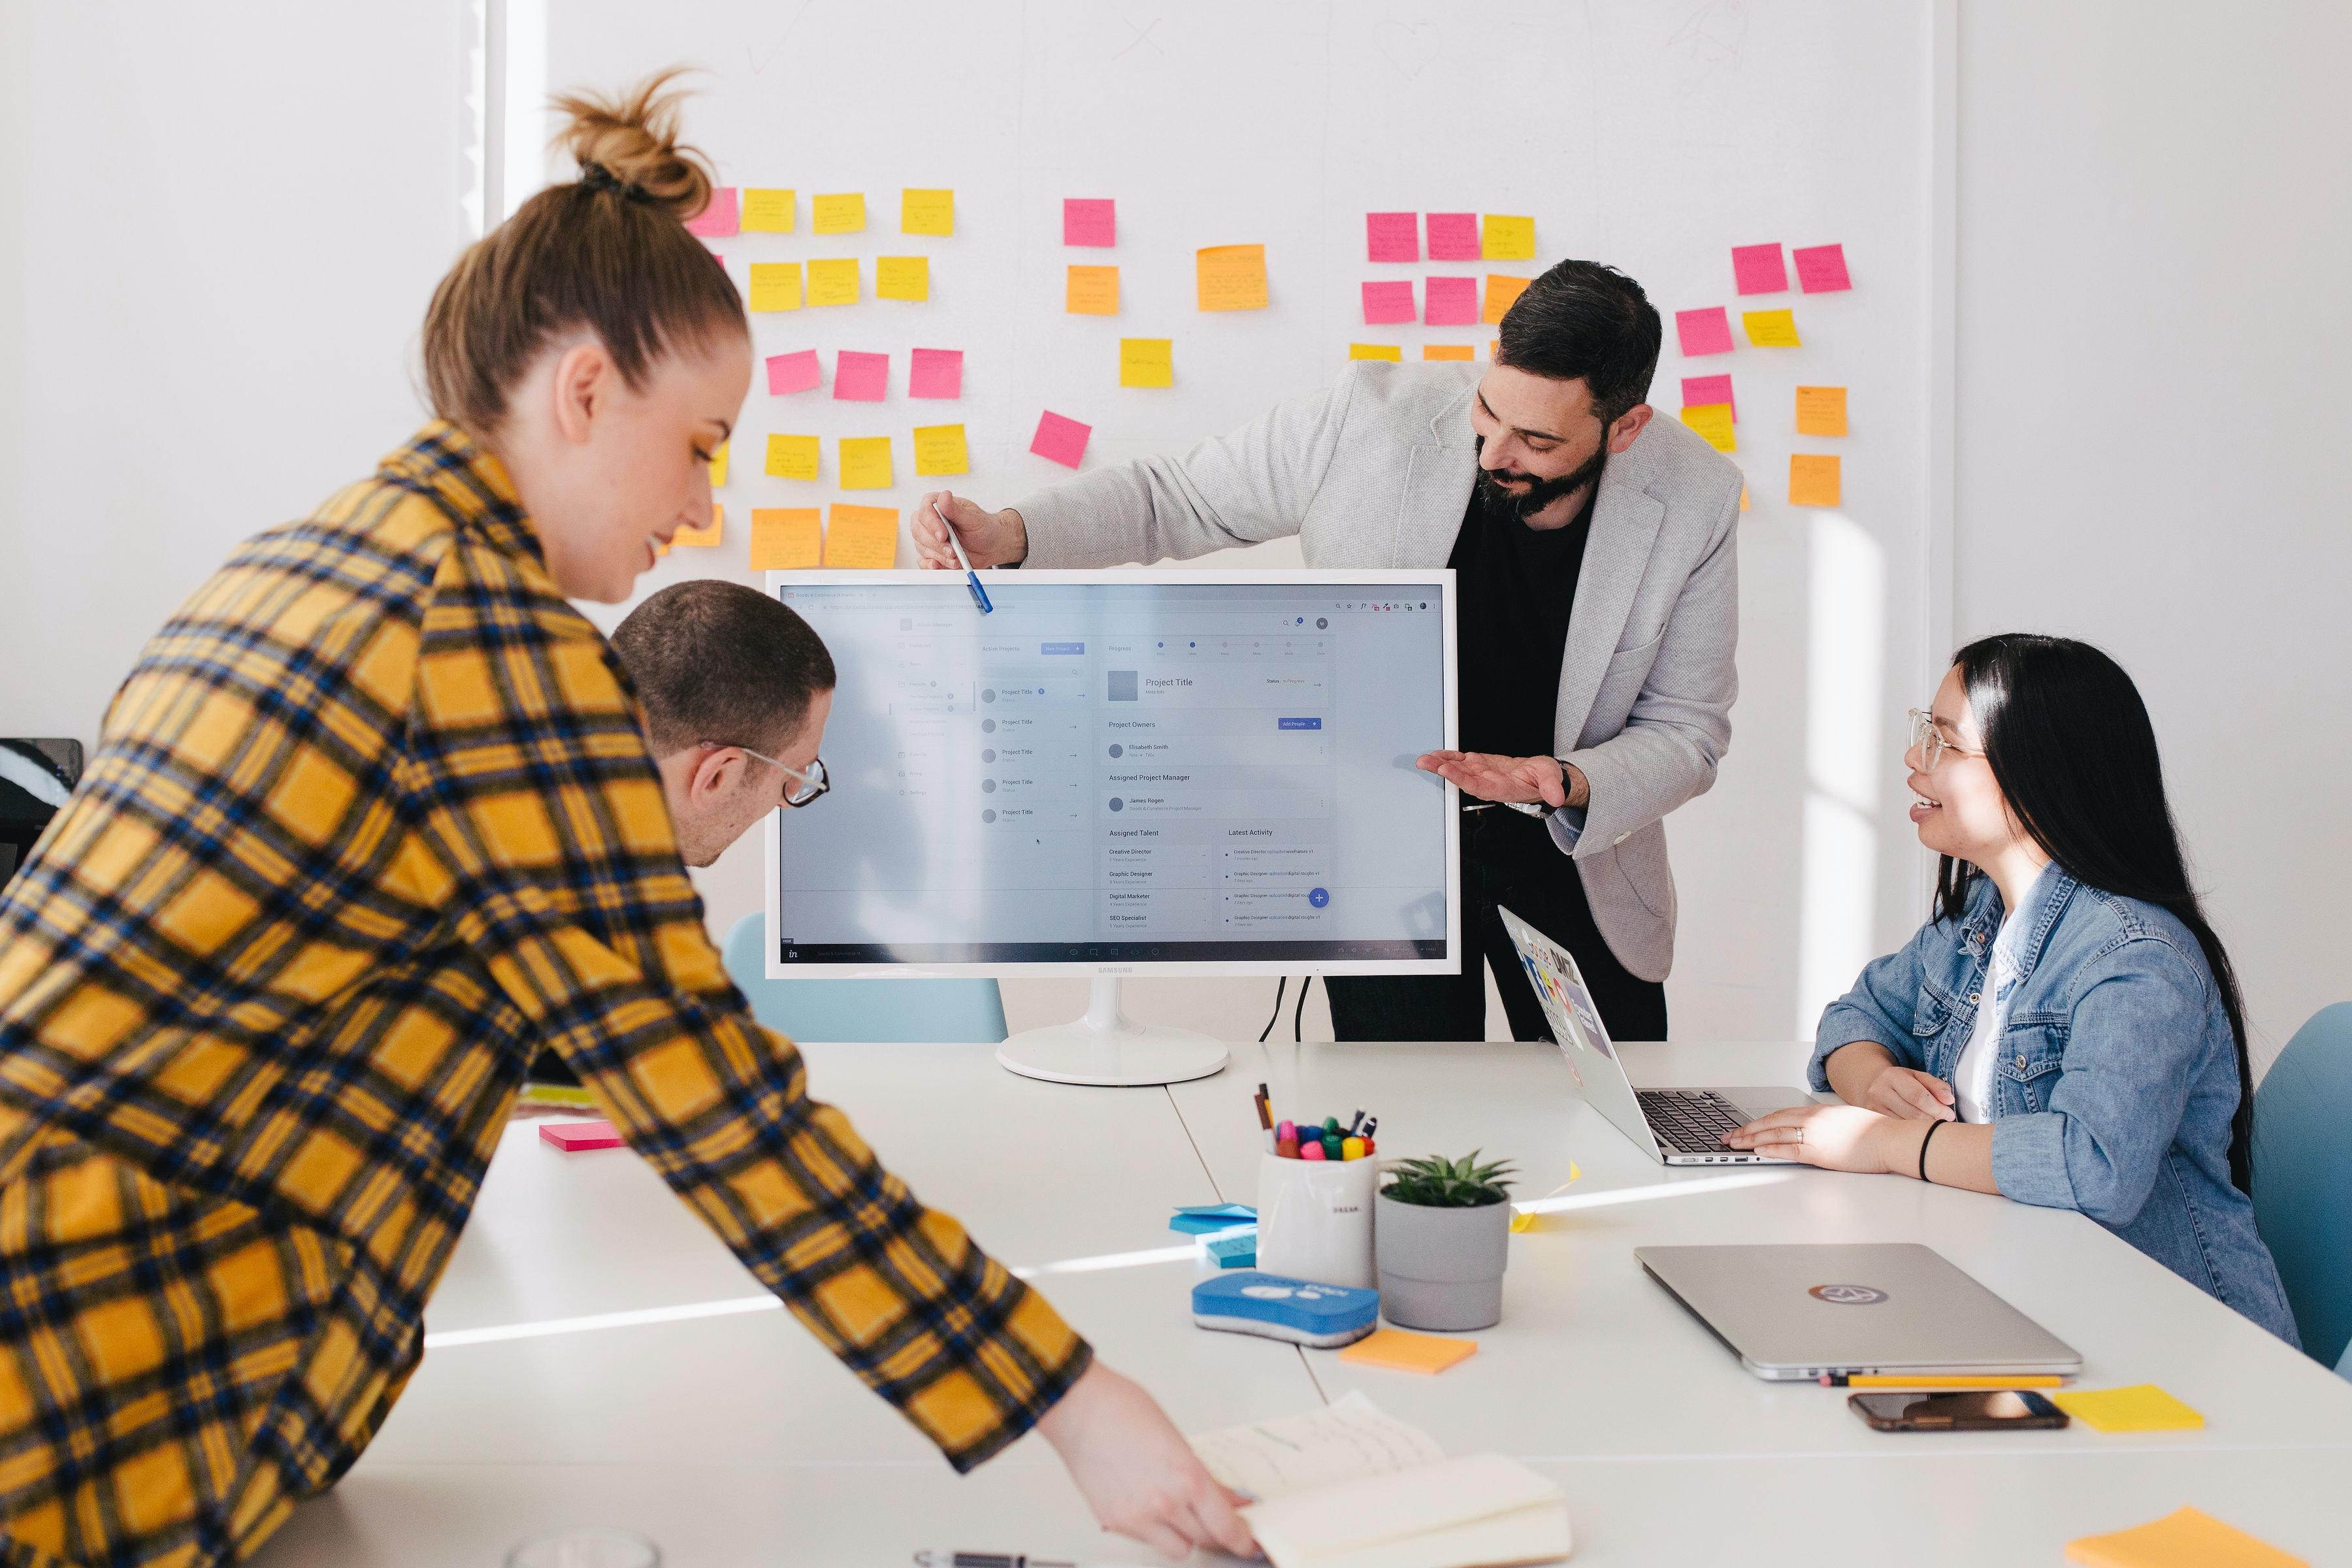 An was musst Du denken, um Projektpläne richtig zu erstellen?